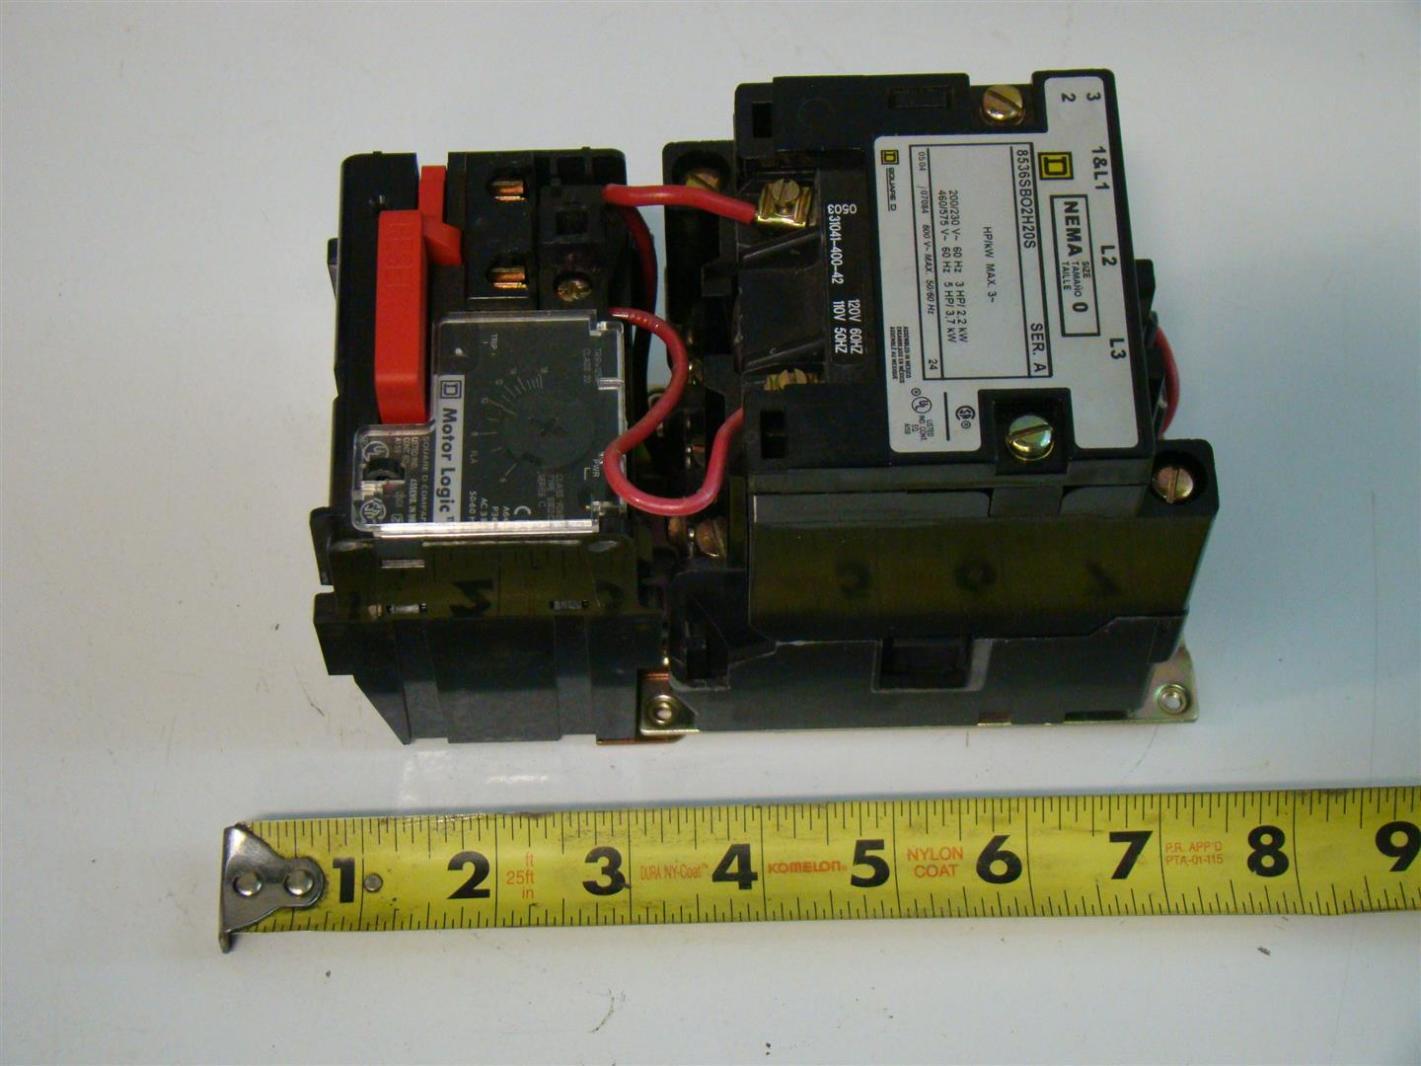 Square d size 0 motor starter motor logic 8536sb02v02h20s for Square d motor logic